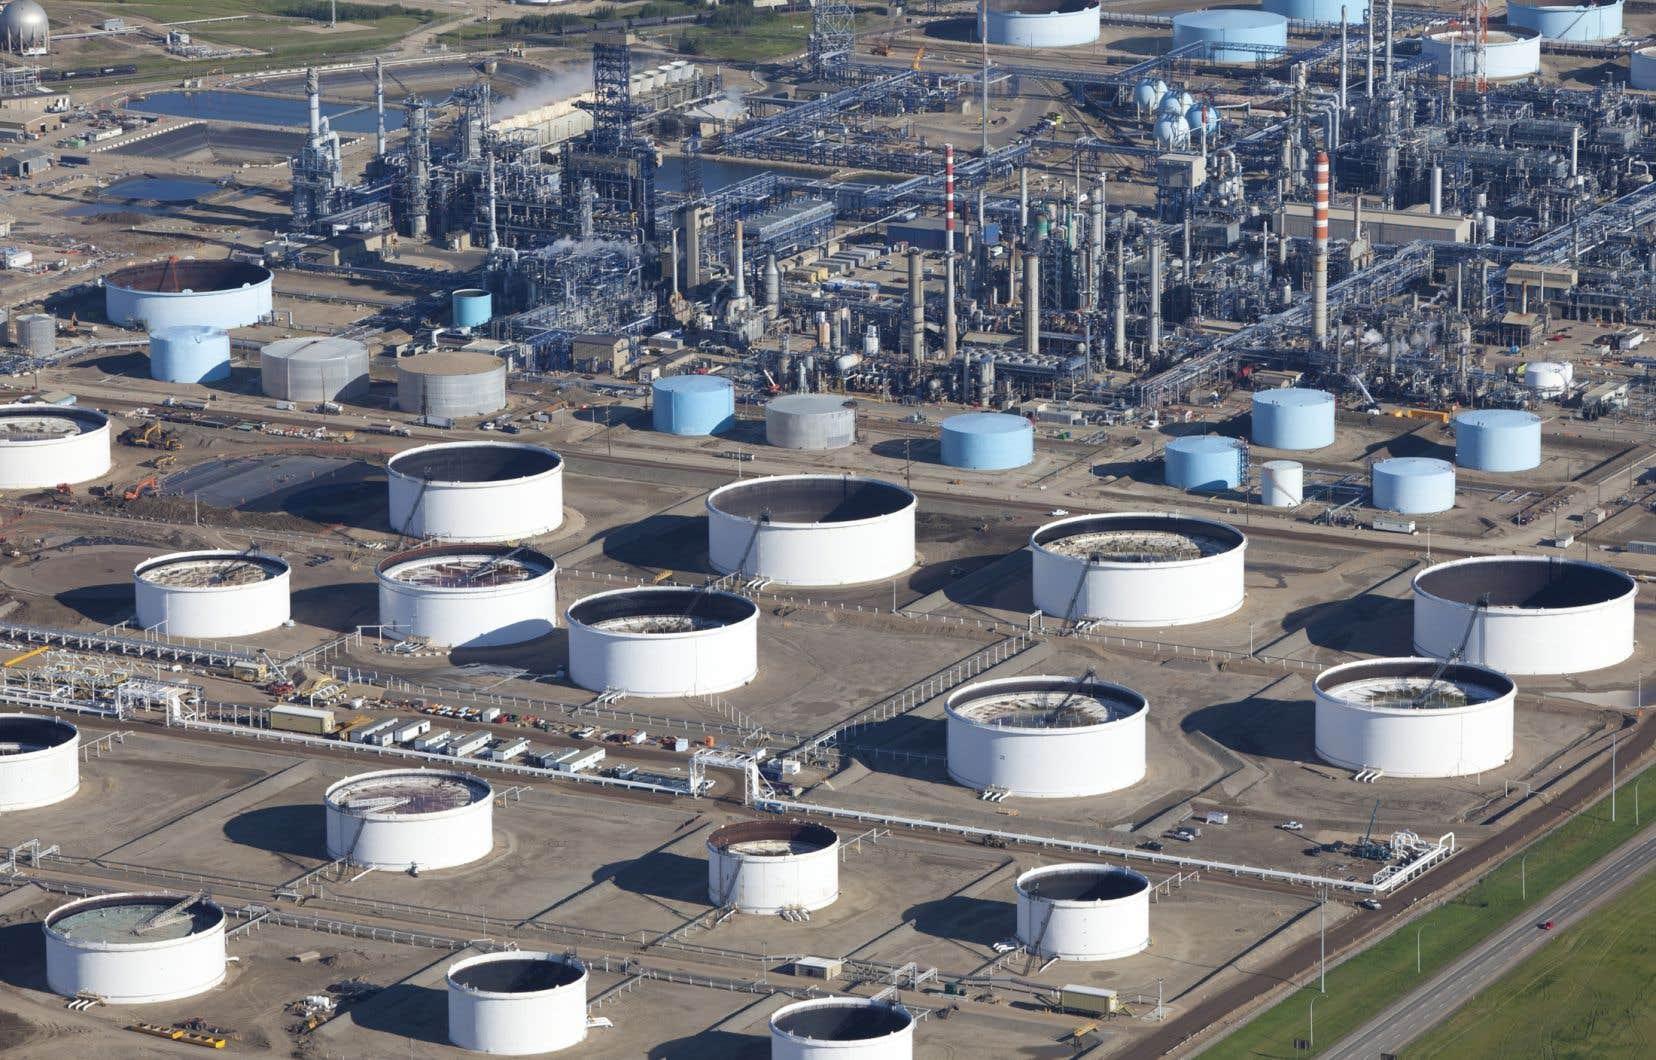 L'industrie canadienne du raffinage compte environ 18000 travailleurs et 16 raffineries, dont deux au Québec. Sur la photo, des installations à Toronto.